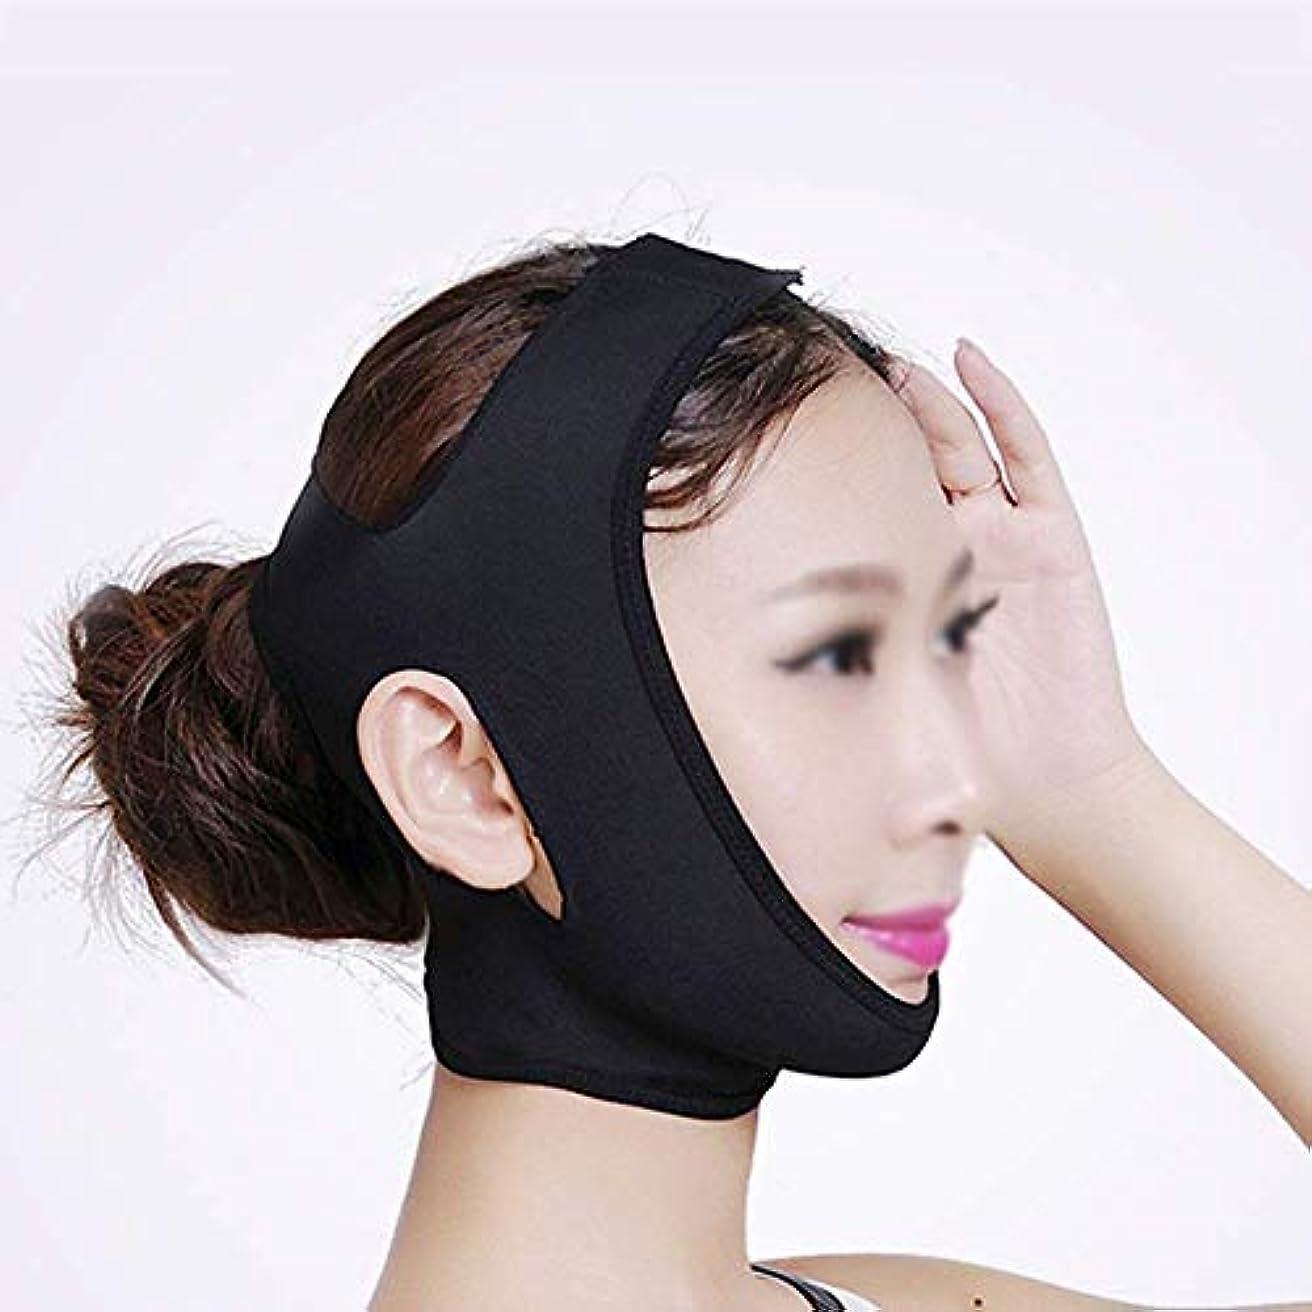 こっそり長方形ポンプフェイシャル減量マスクリフティングフェイス、フェイスマスク、減量包帯を除去するためのダブルチン、フェイシャルリフティング包帯、ダブルチンを減らすためのリフティングベルト(カラー:ブラック、サイズ:M),黒、XXL